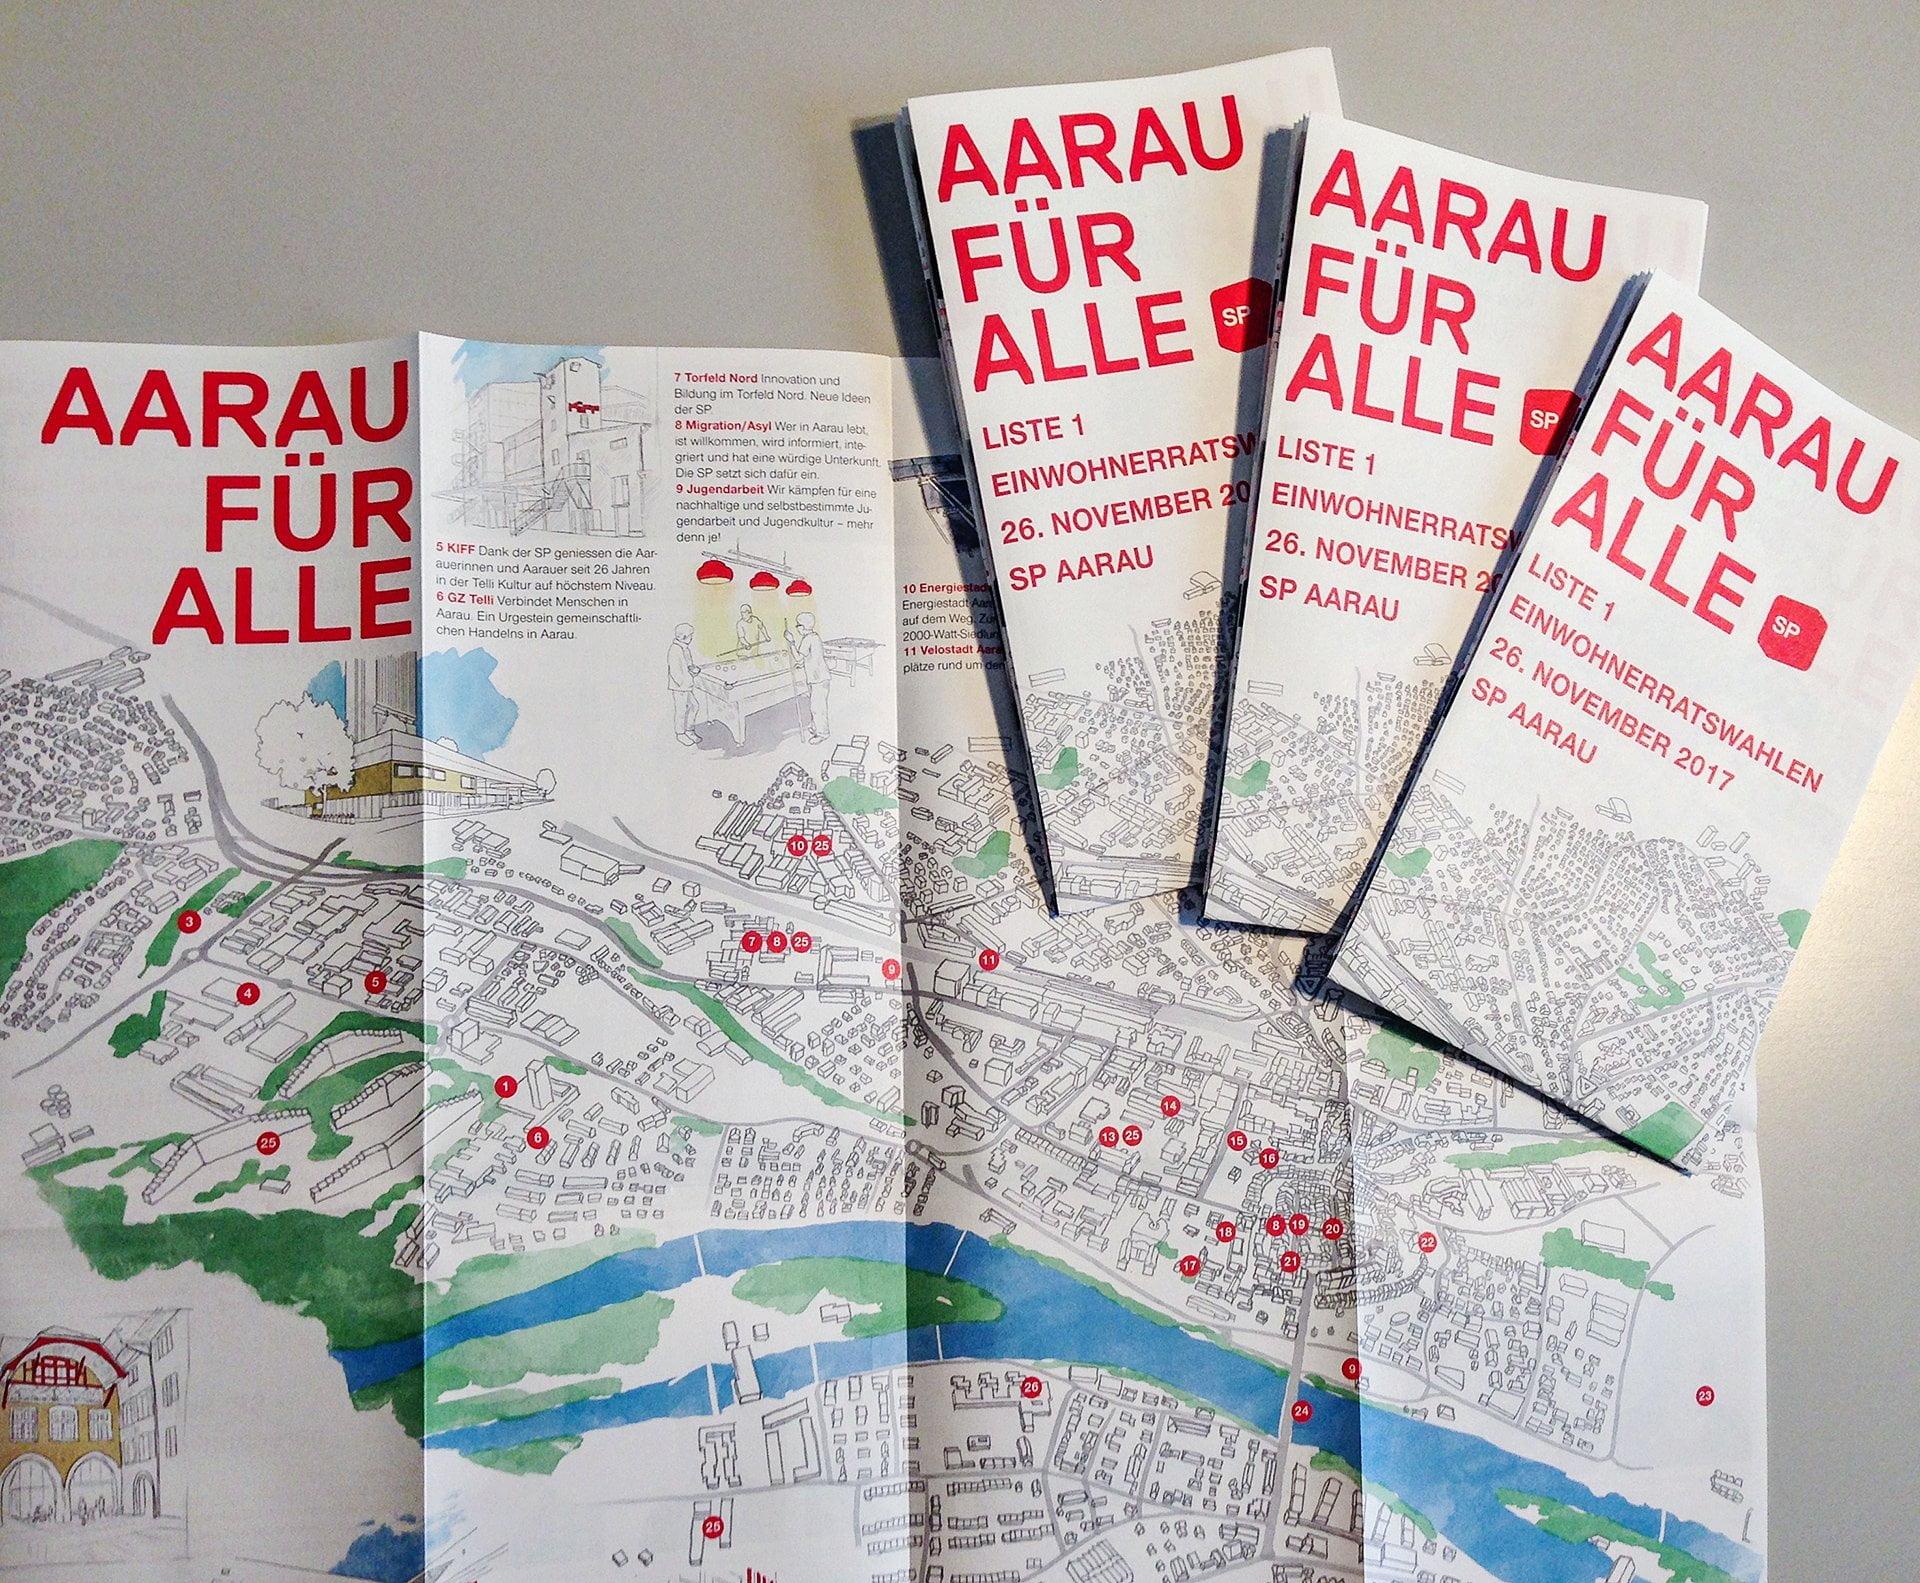 SP Aarau, Stadtkarte, Titelseite, ikonaut